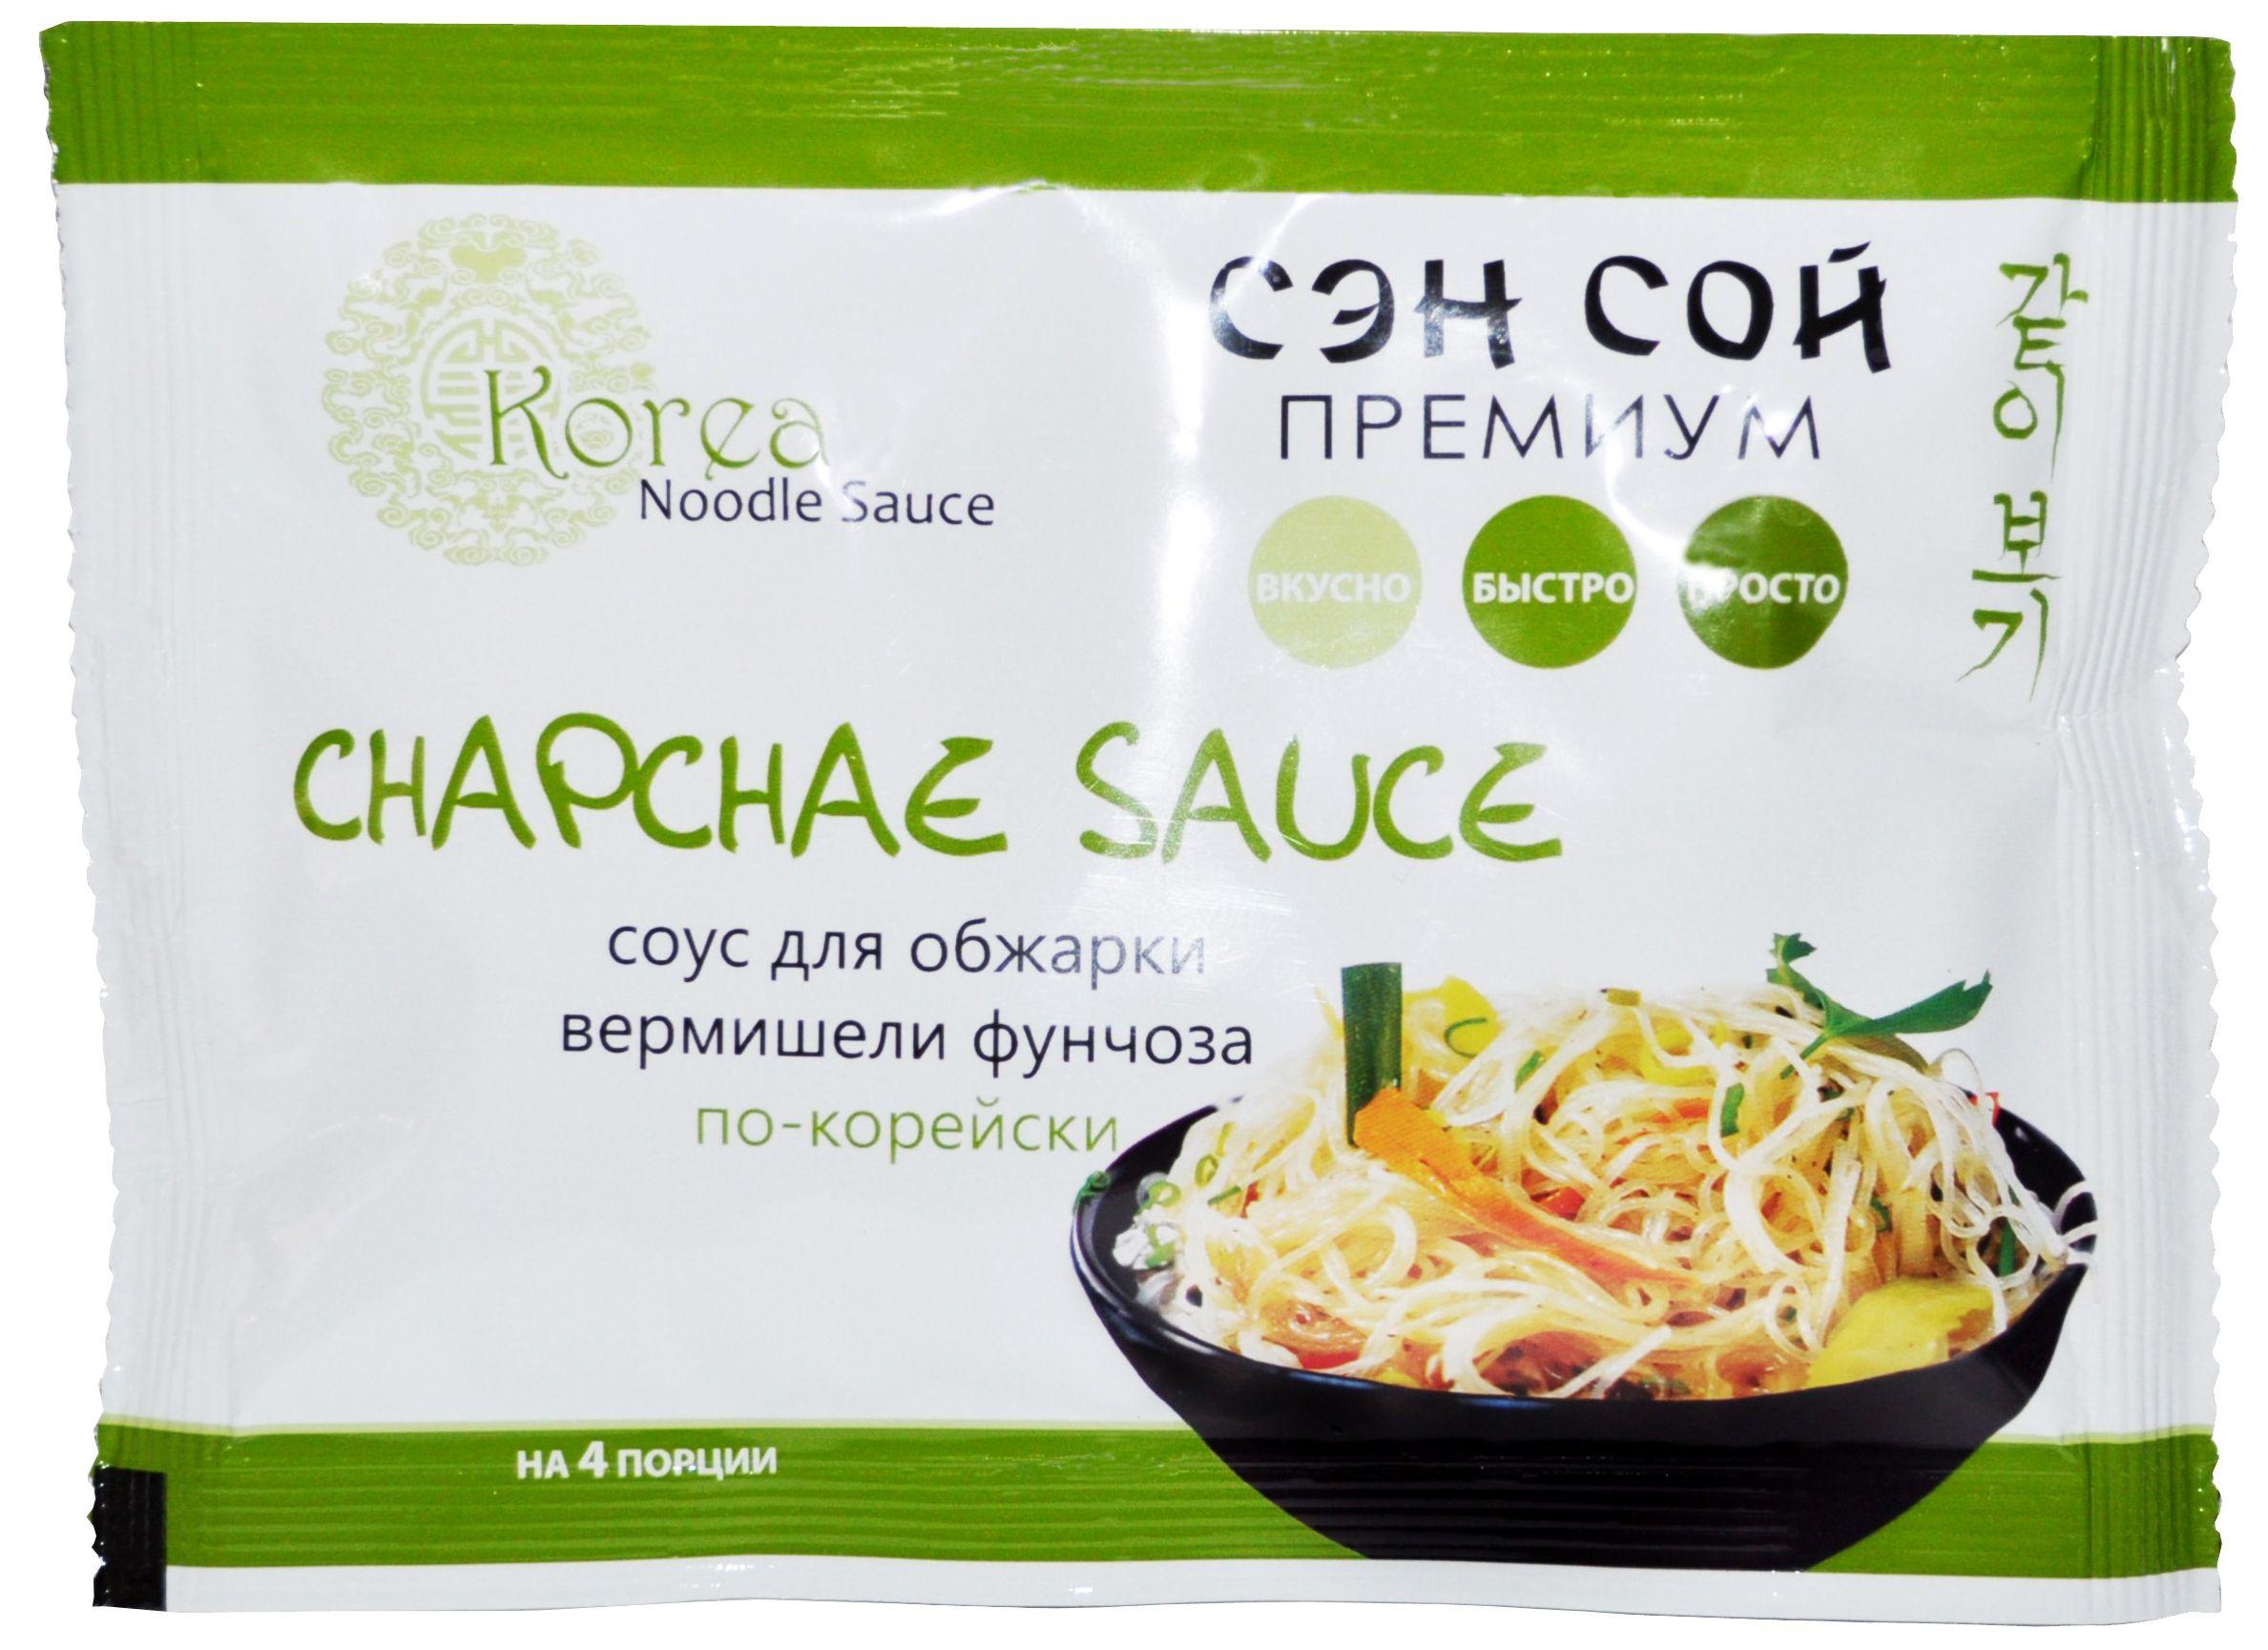 Соус для обжарки Фунчозы 80г вермишели Фунчоза по-корейски, Сэн Сой Премиум